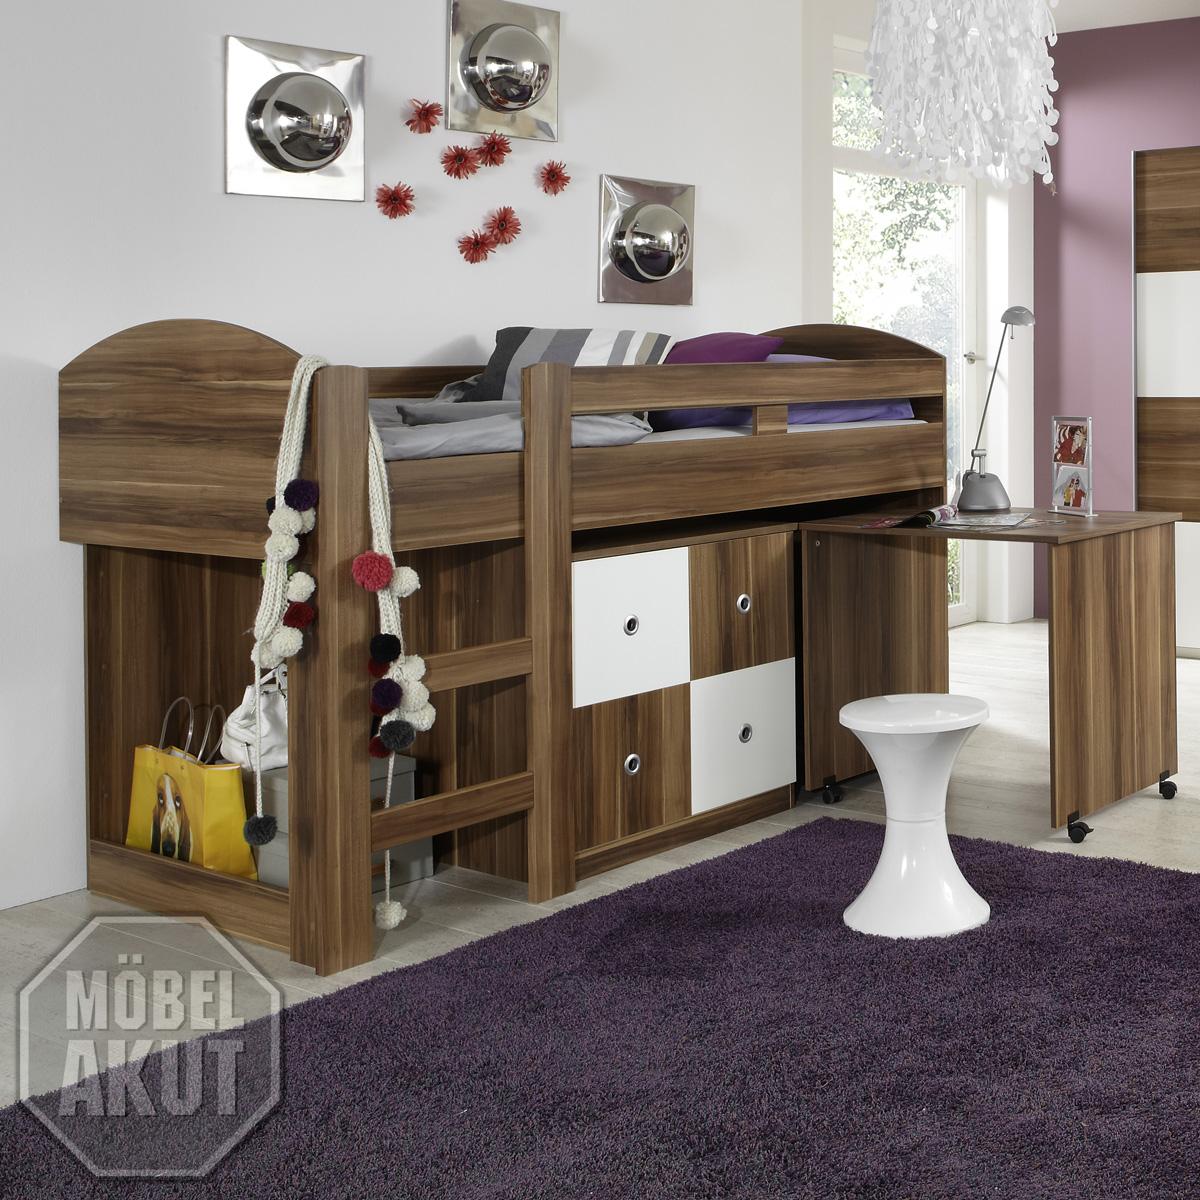 hochbett benno bett schreibtisch wei nussbaum ebay. Black Bedroom Furniture Sets. Home Design Ideas